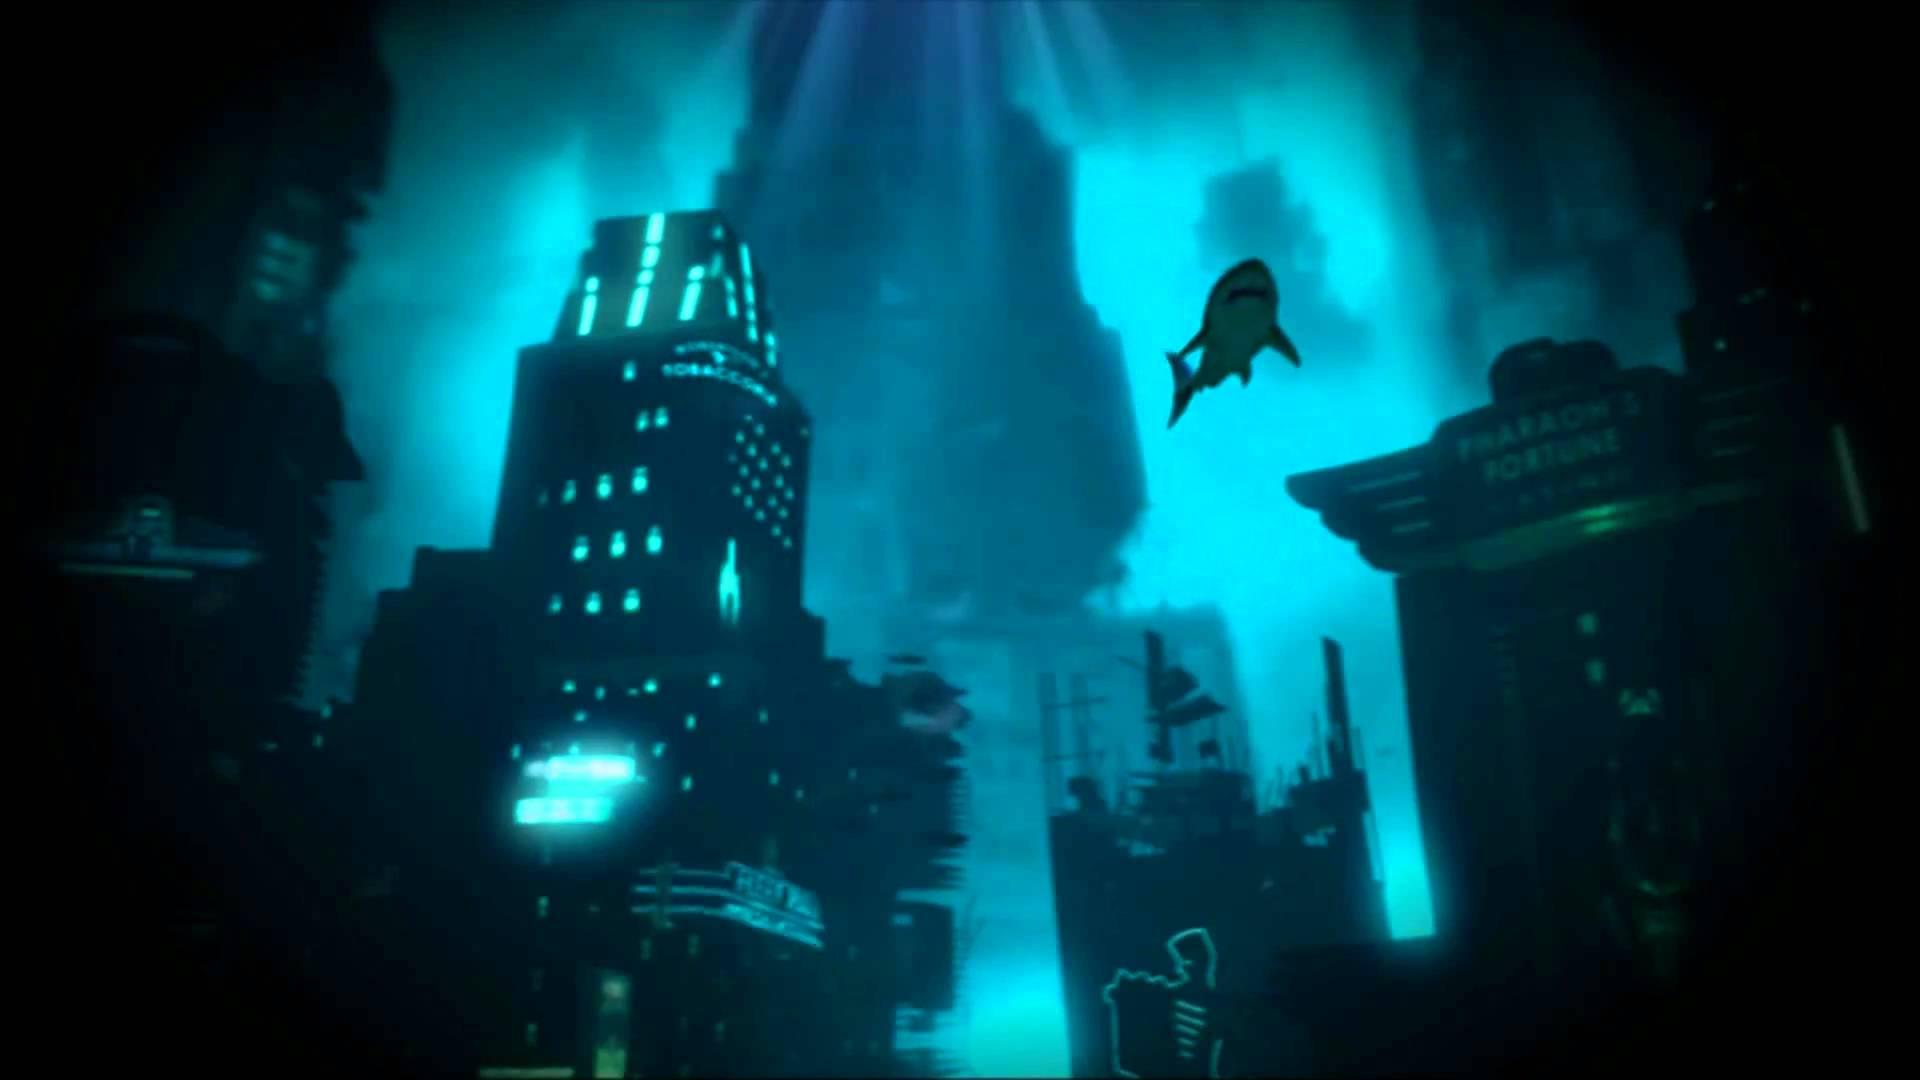 Bioshock Rapture - fanart by dreamscene.org